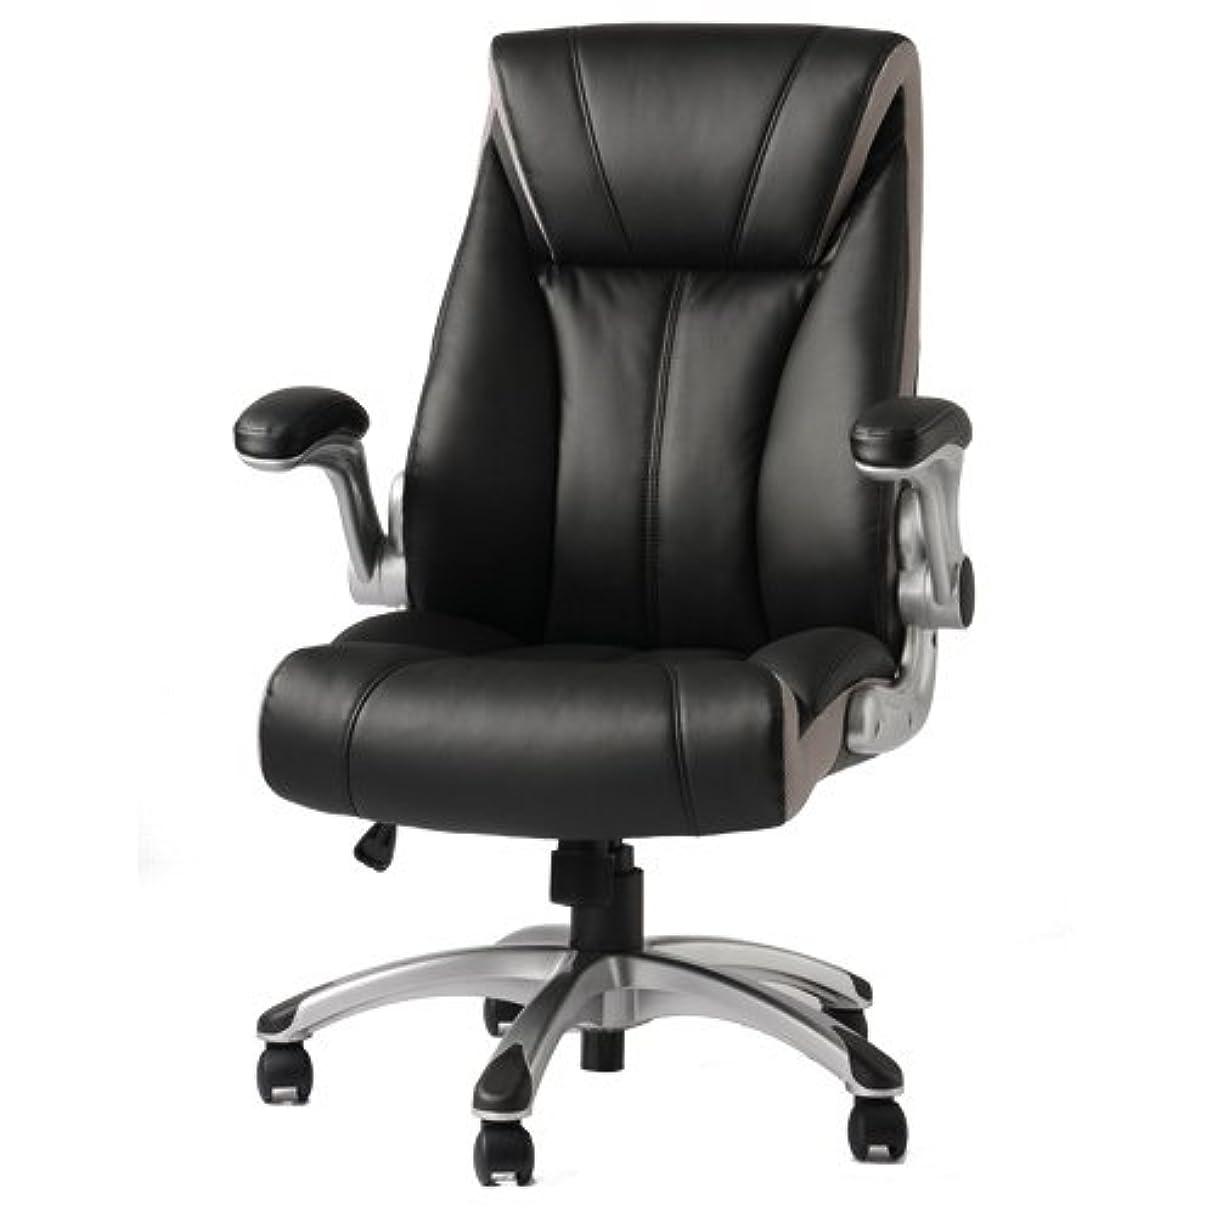 依存するわな残基高級車のような座り心地 エグゼクティブチェア オフィスチェア デスクチェア レザー 社長椅子 おしゃれ ブレイズ BLAZE-1